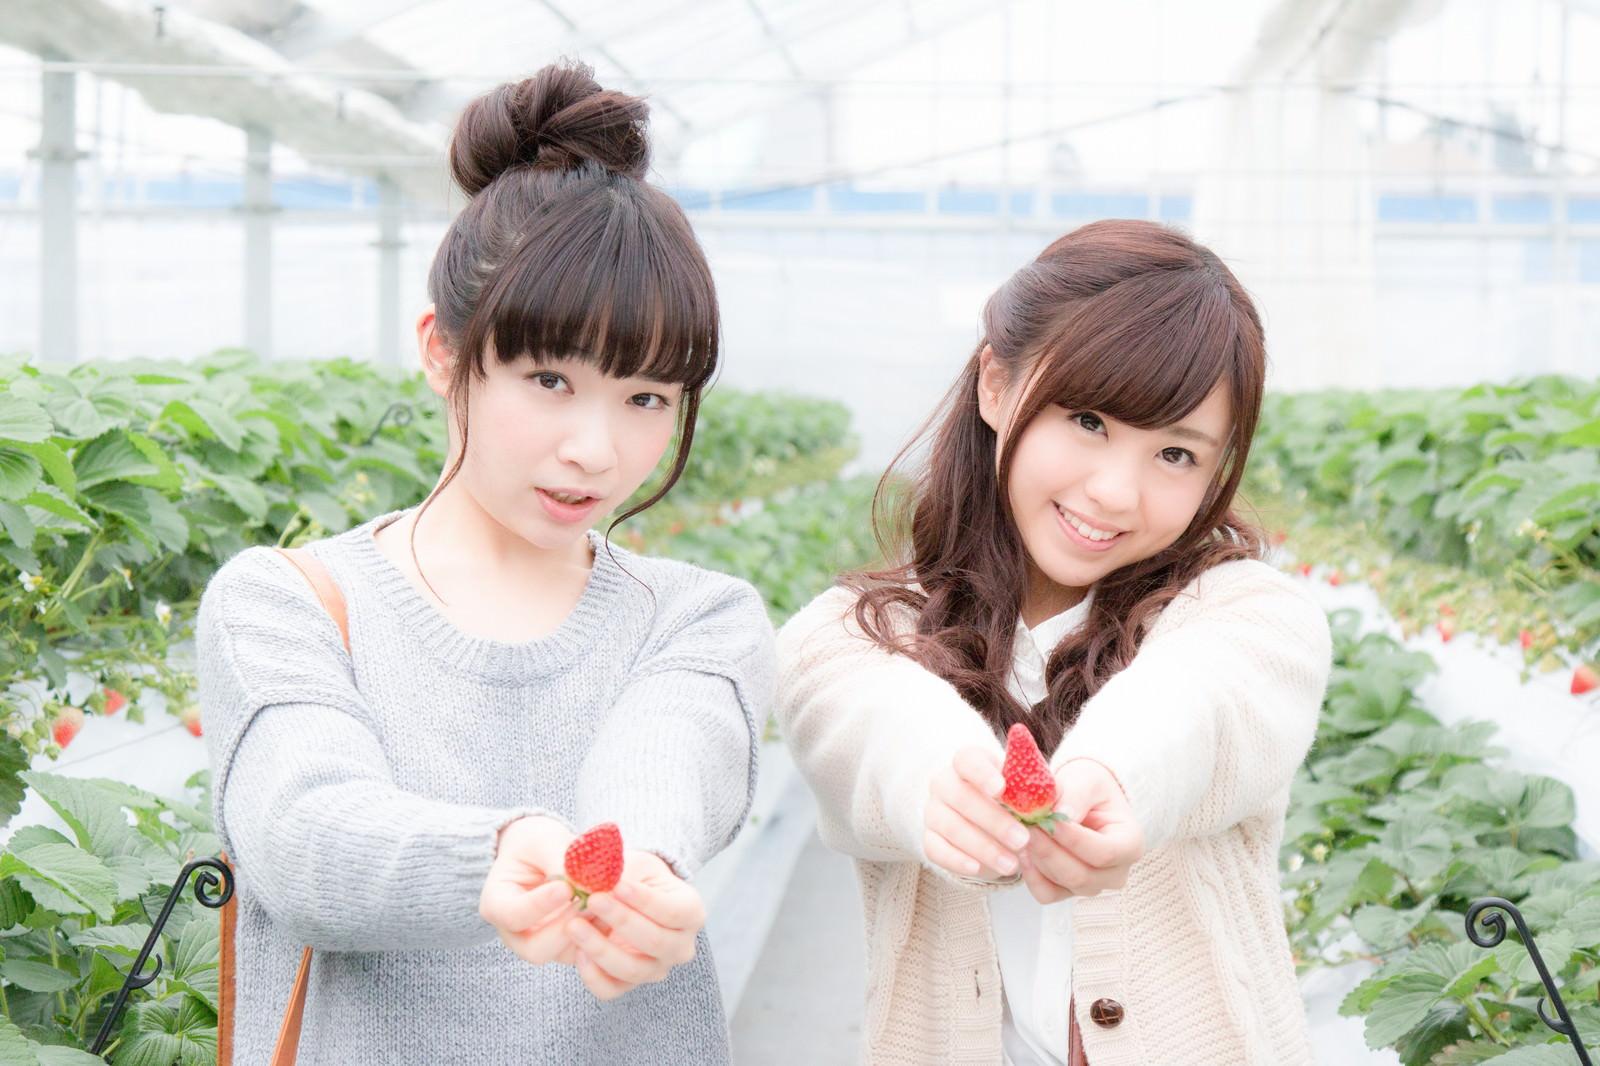 「採れたての苺をアピールする若い女性採れたての苺をアピールする若い女性」[モデル:渡辺友美子 河村友歌]のフリー写真素材を拡大